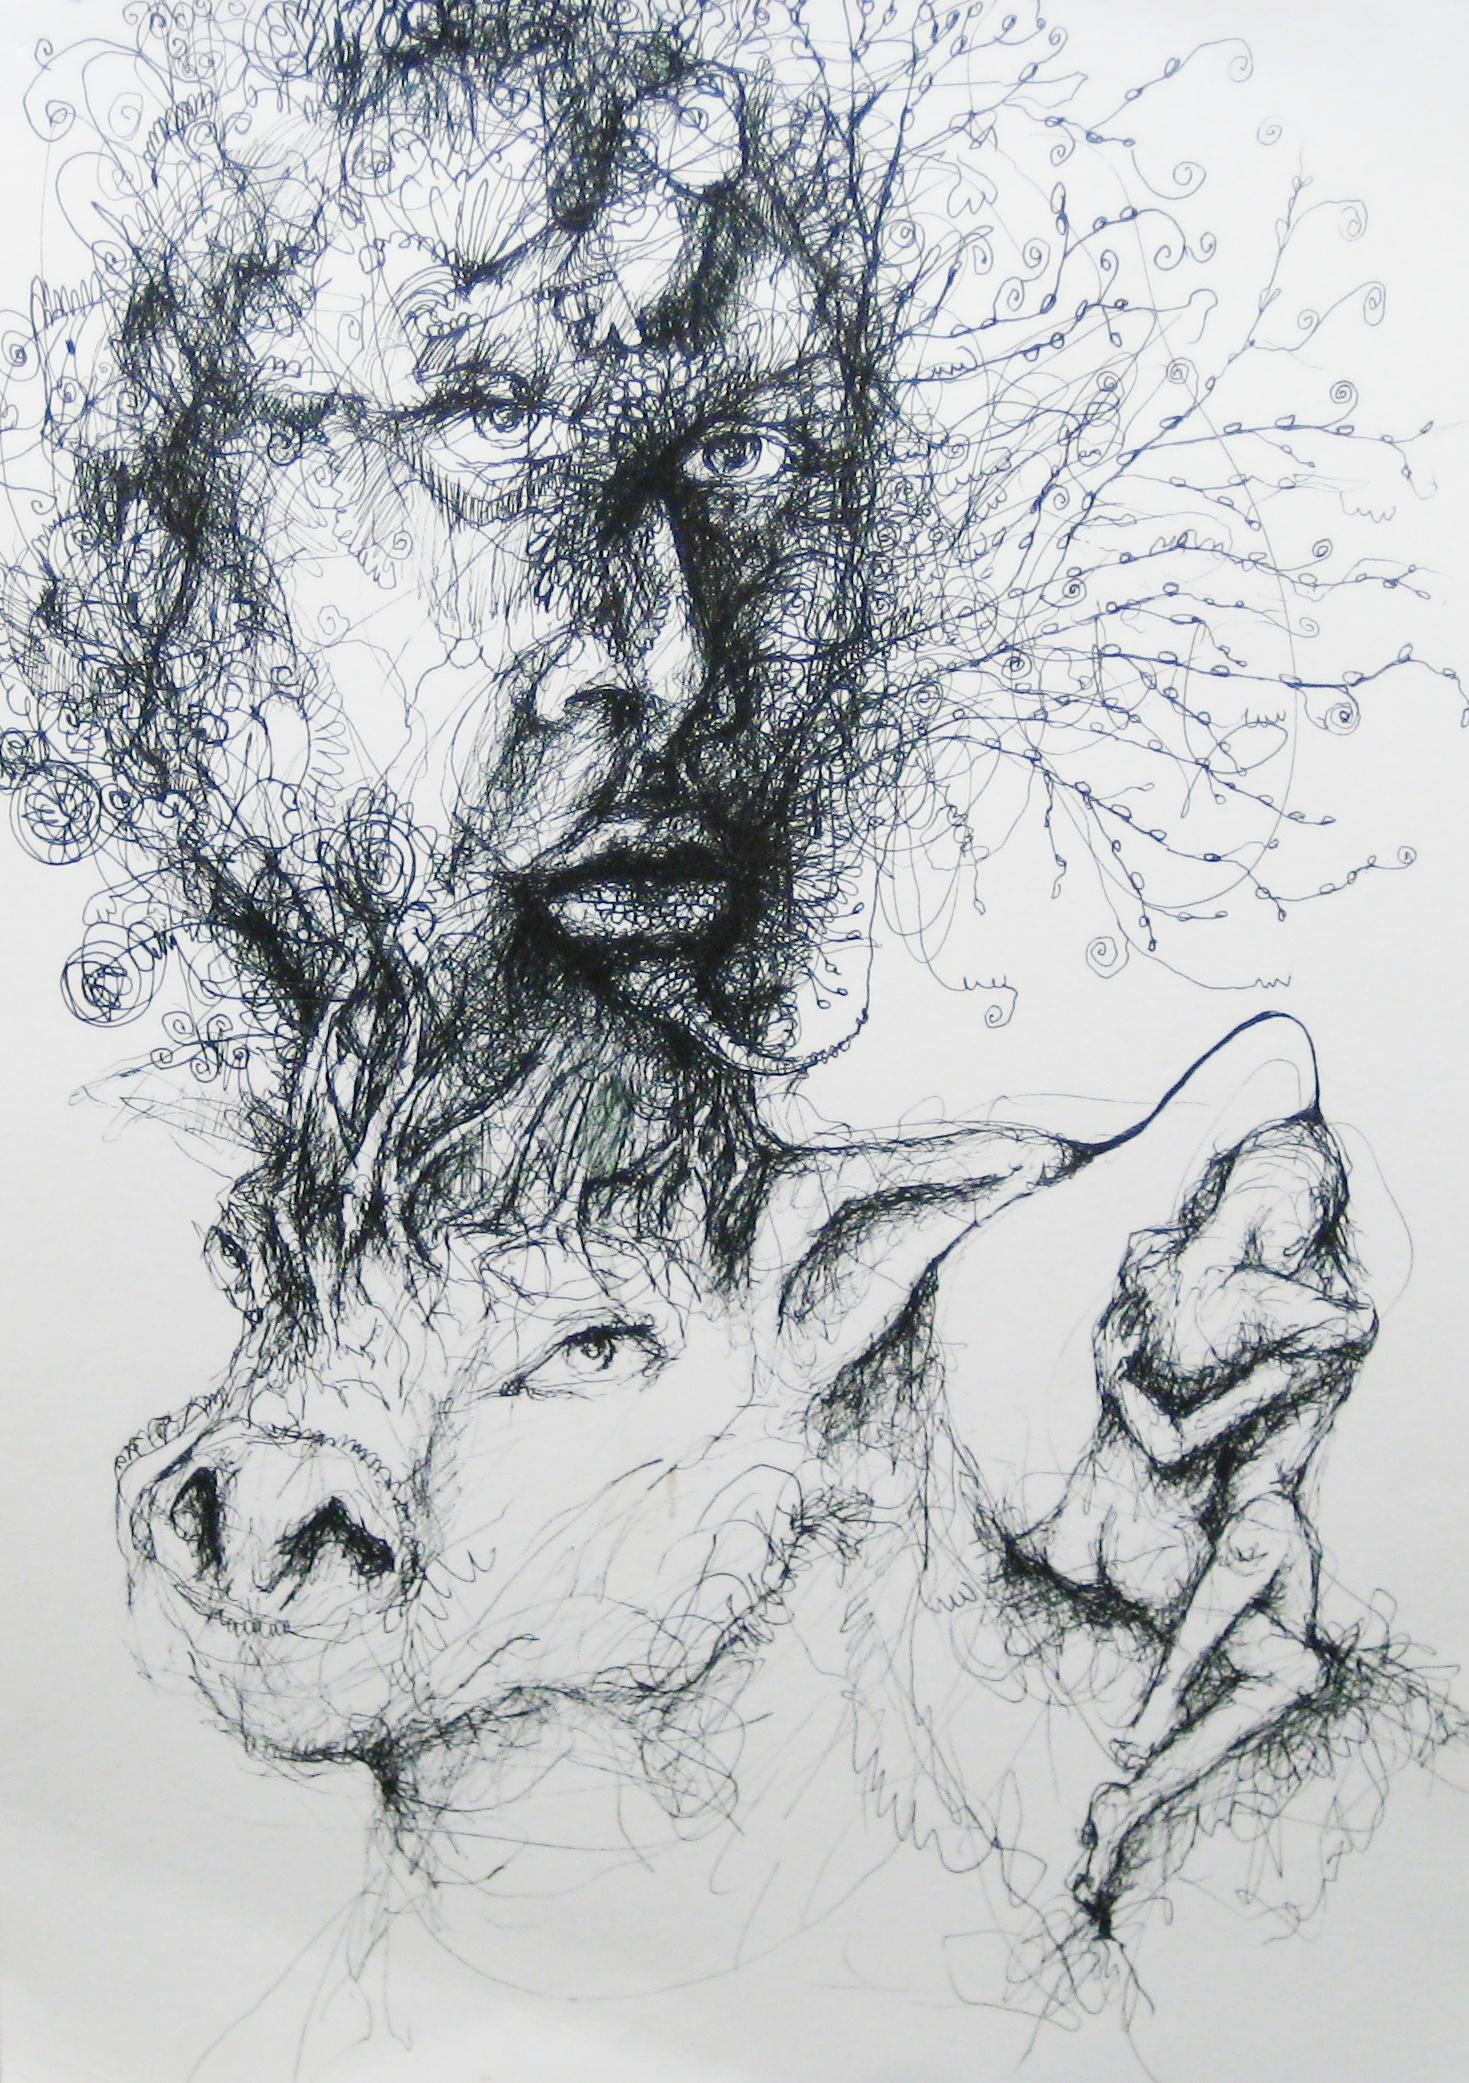 2011-Zeichnung-Emotion-25-reiten-kuh-wurzeln-Luisa-Pohlmann-Kunst-Berlin